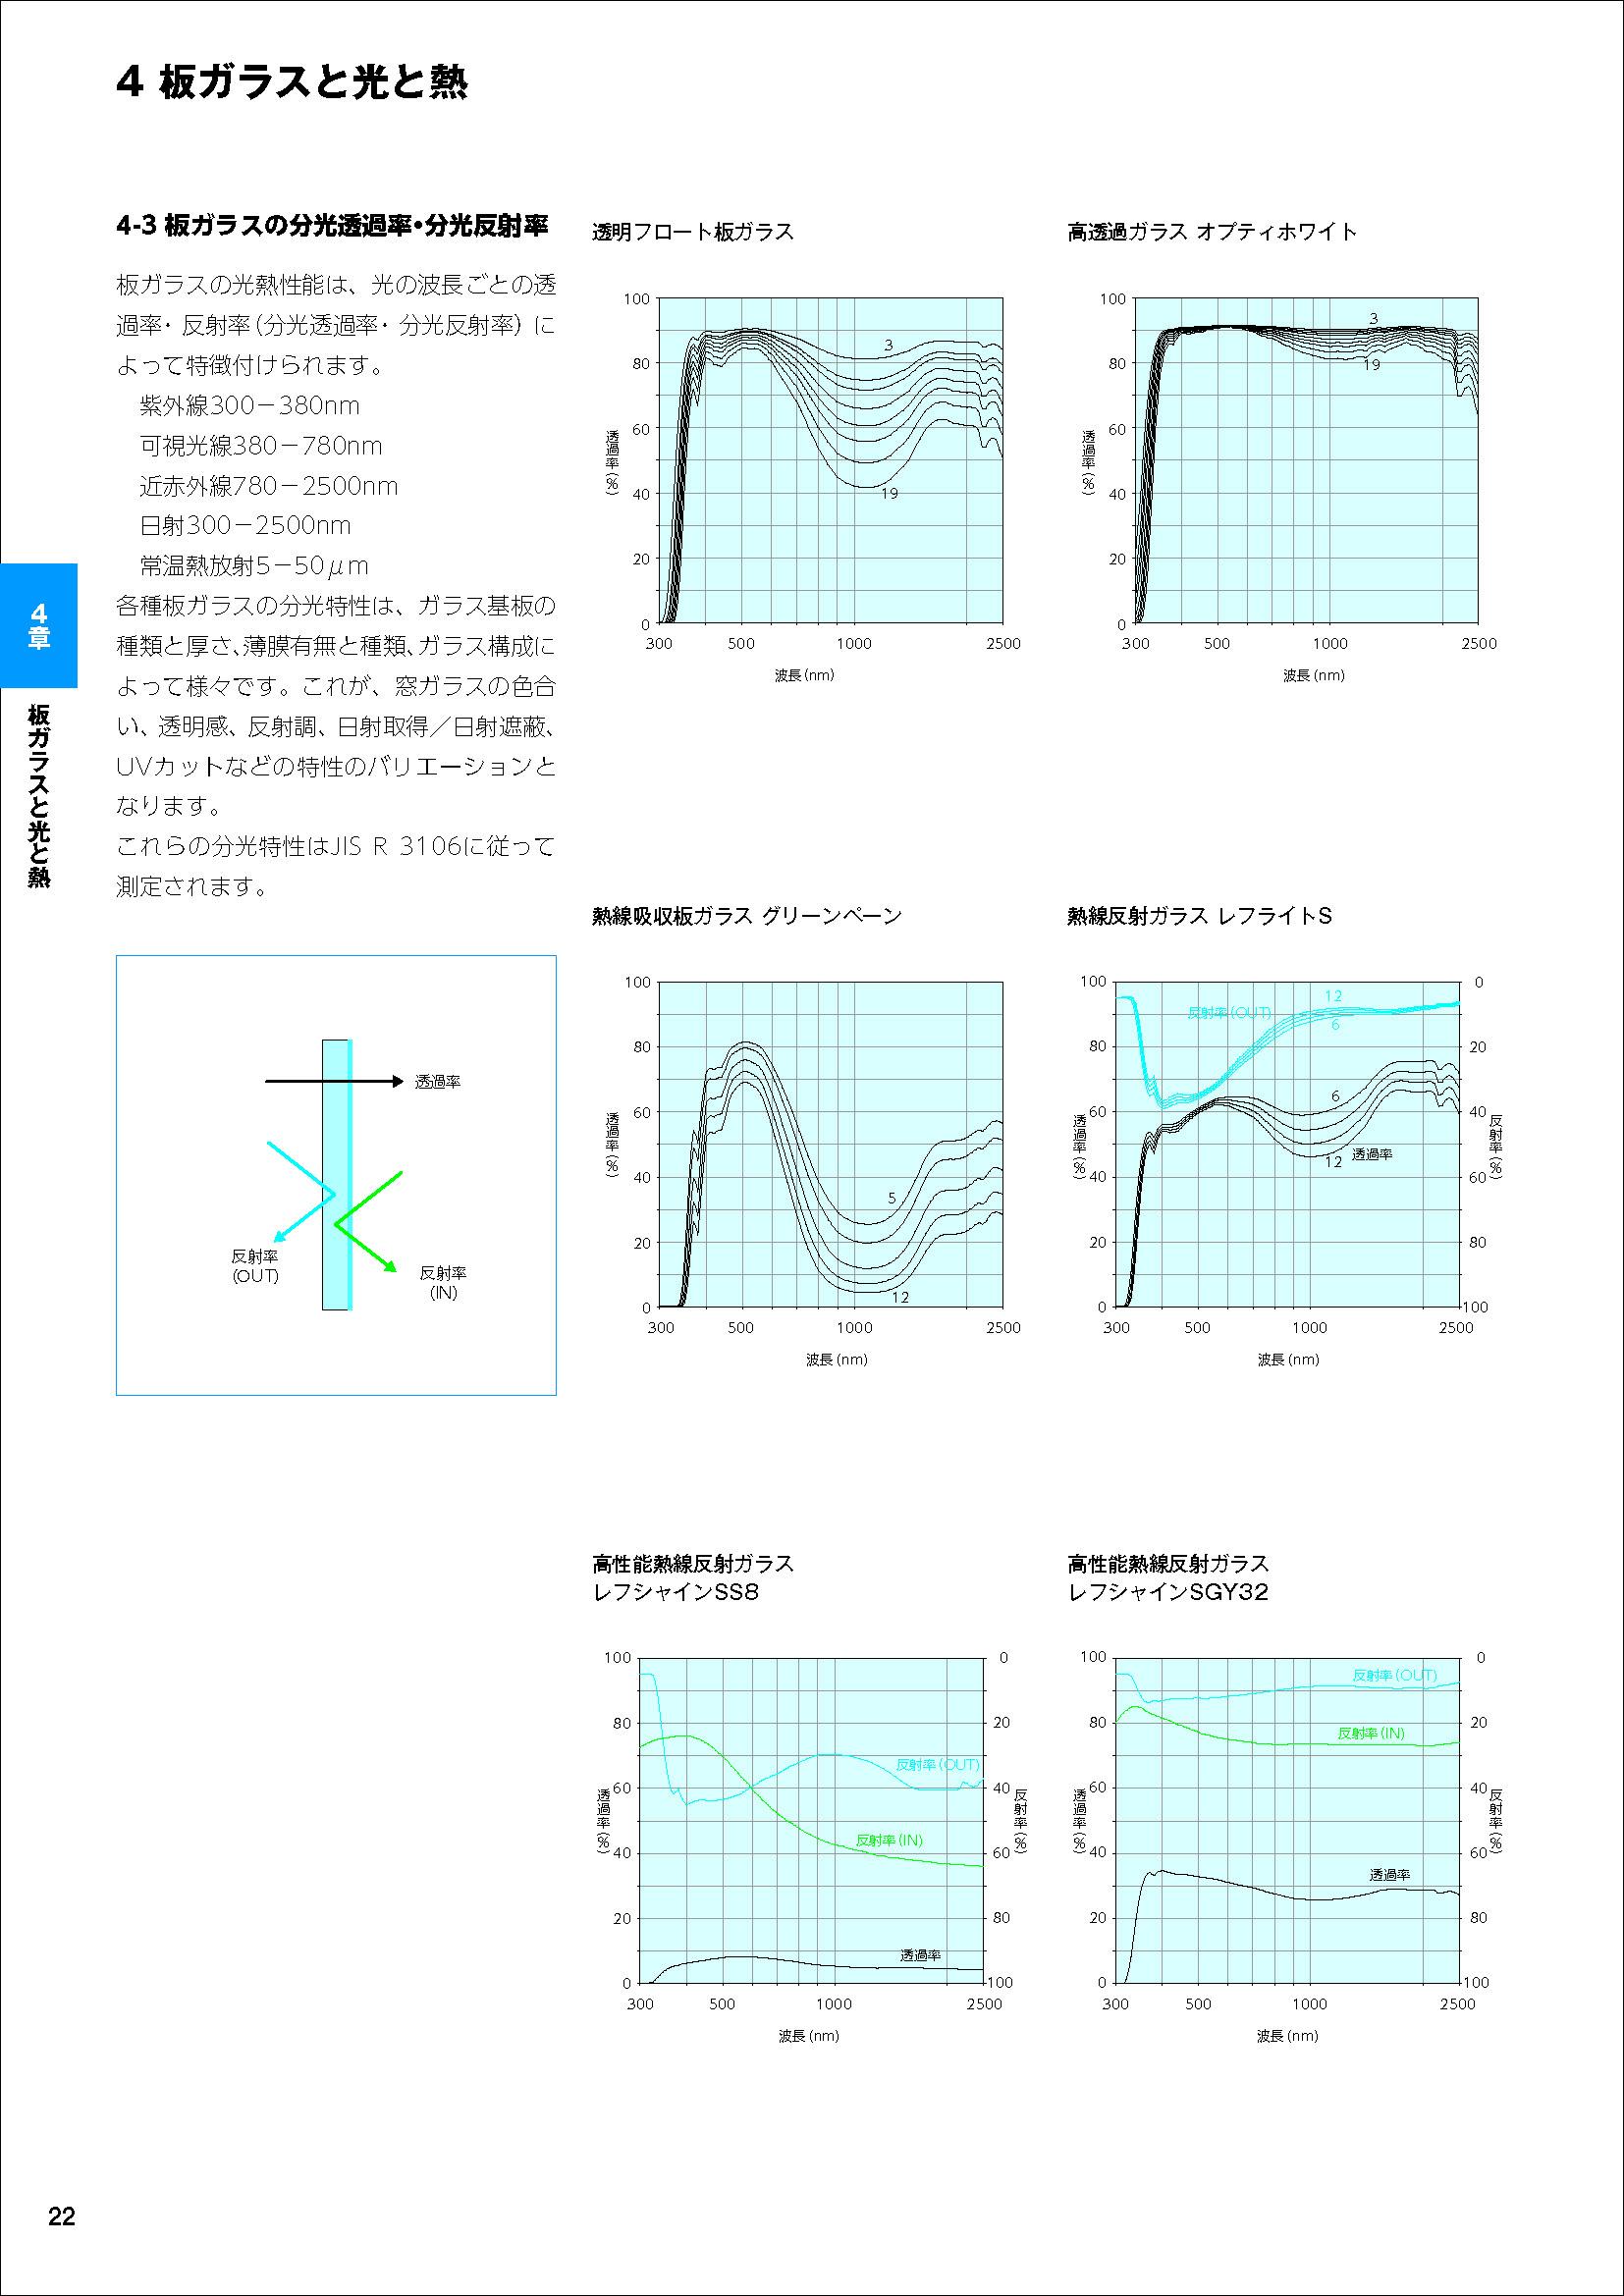 板ガラスの分光透過率・分光反射率